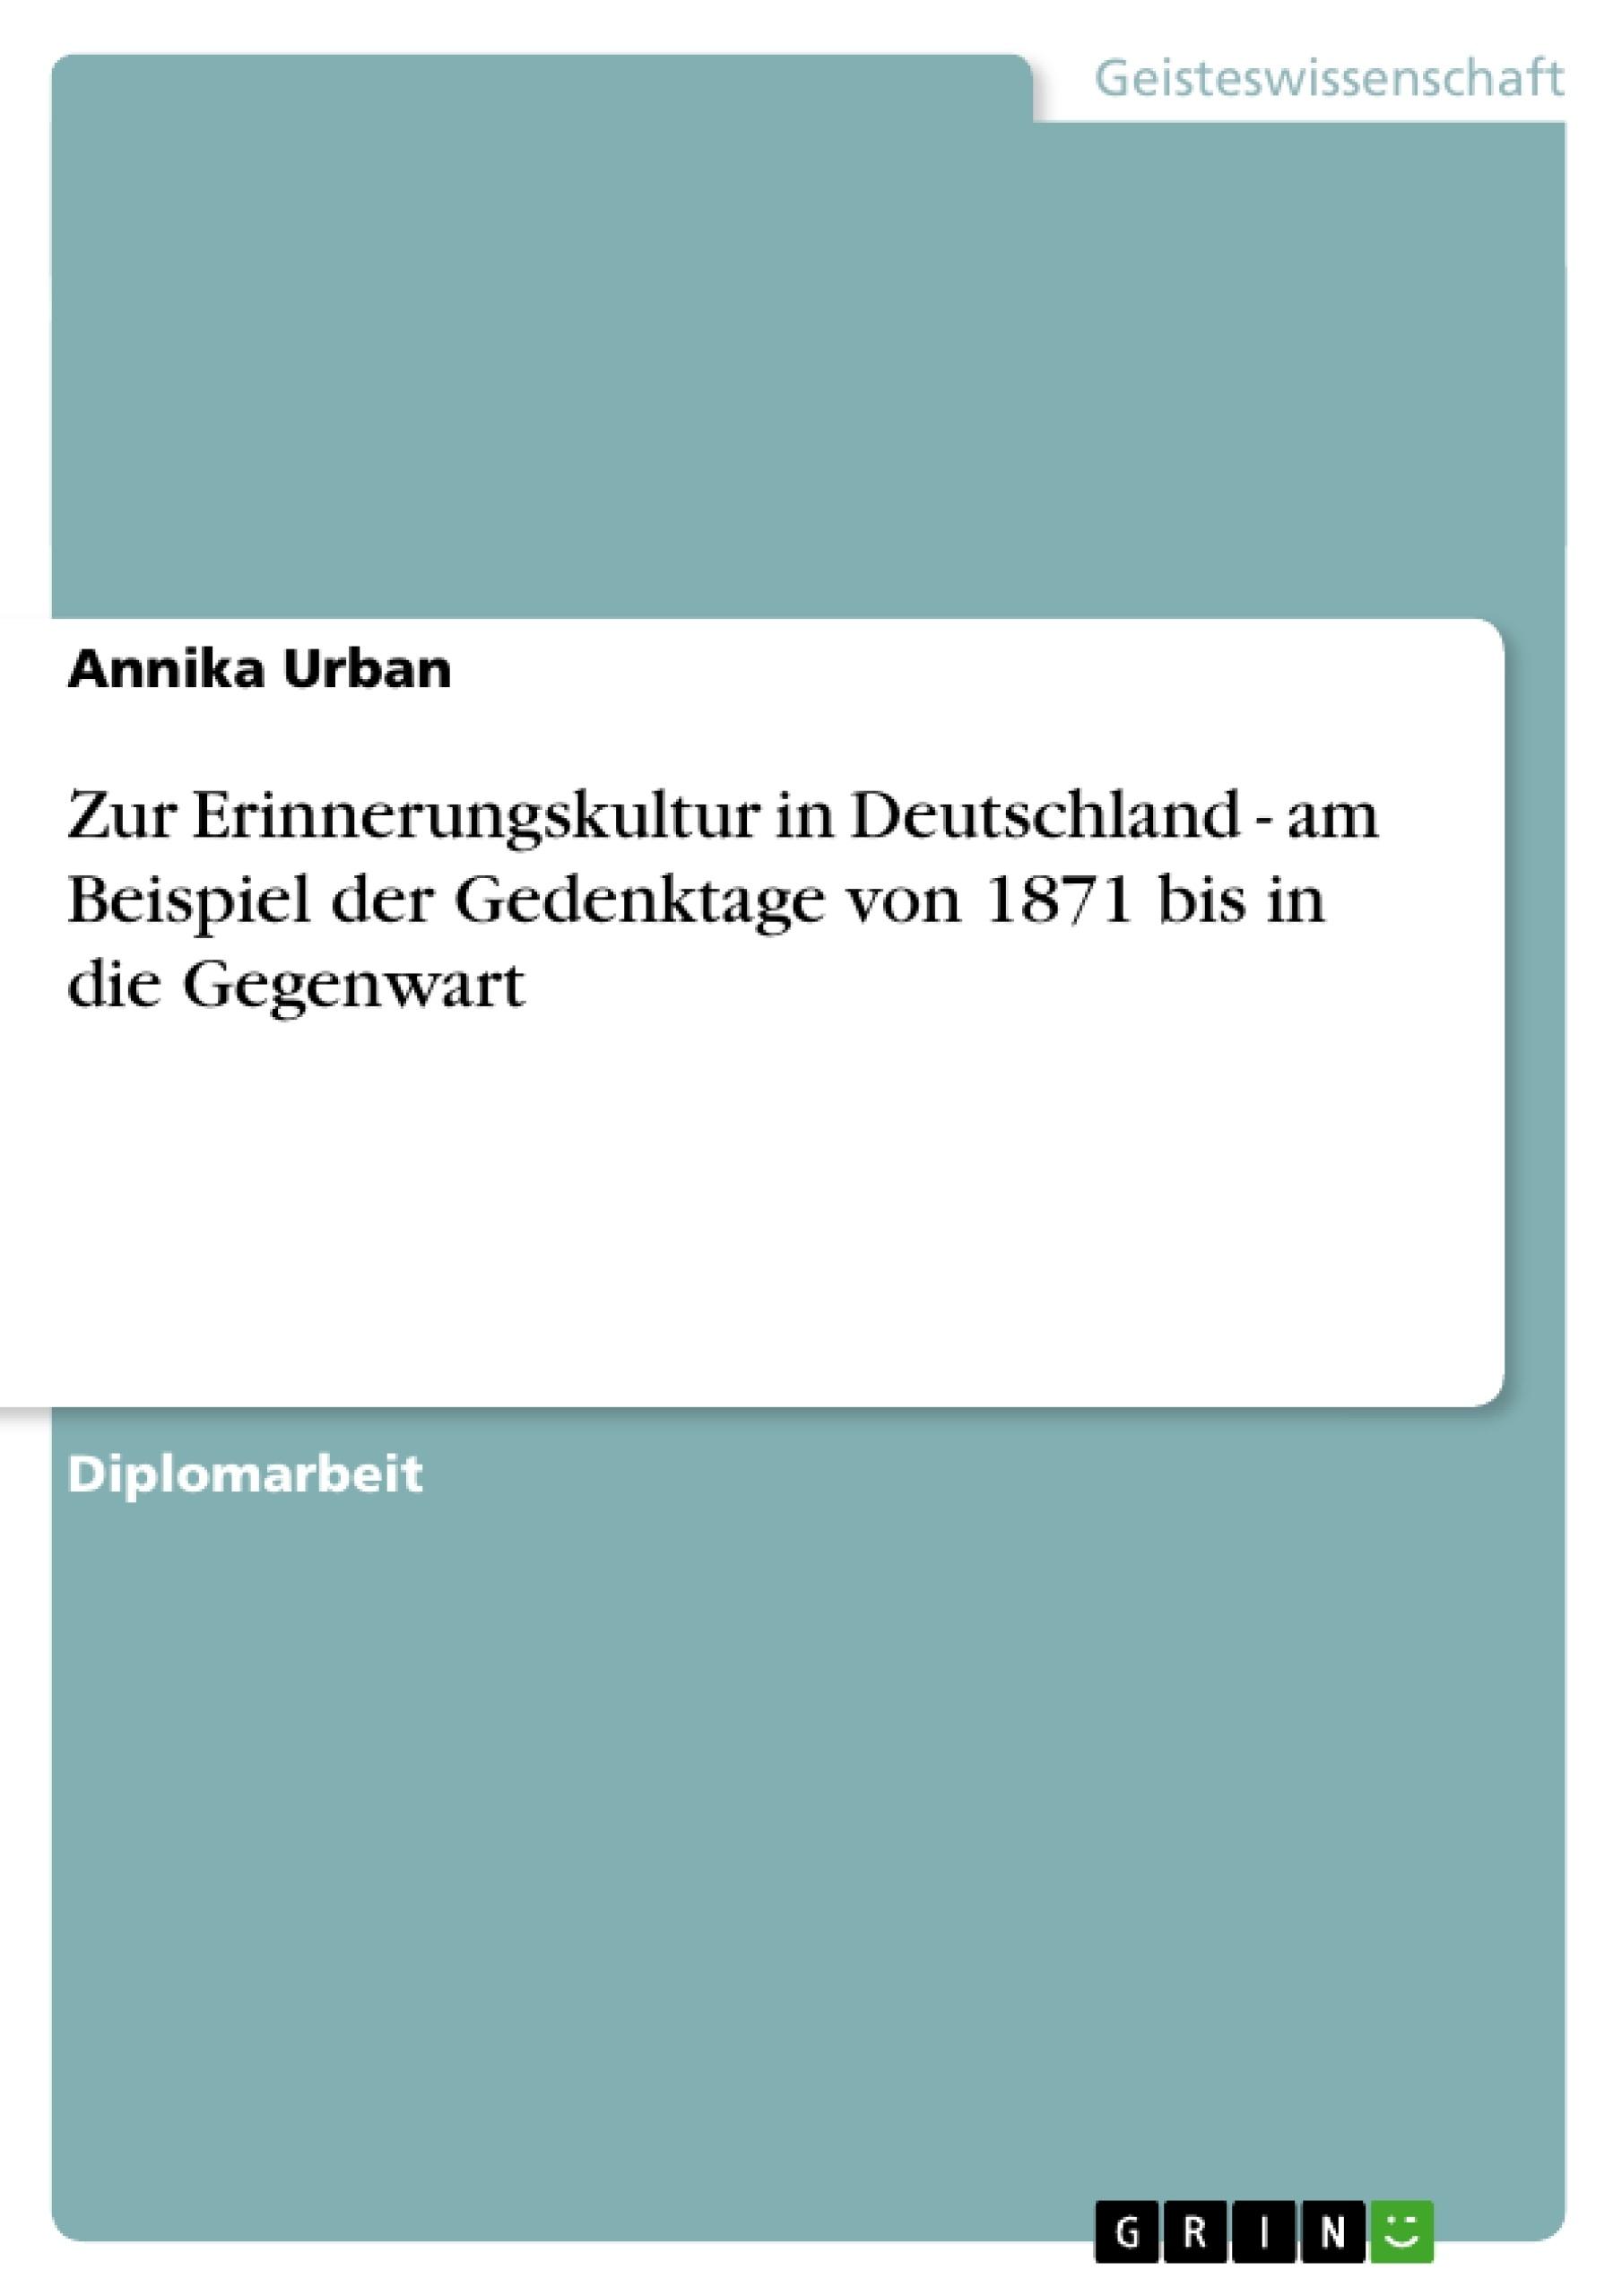 Titel: Zur Erinnerungskultur in Deutschland - am Beispiel der Gedenktage von 1871 bis in die Gegenwart